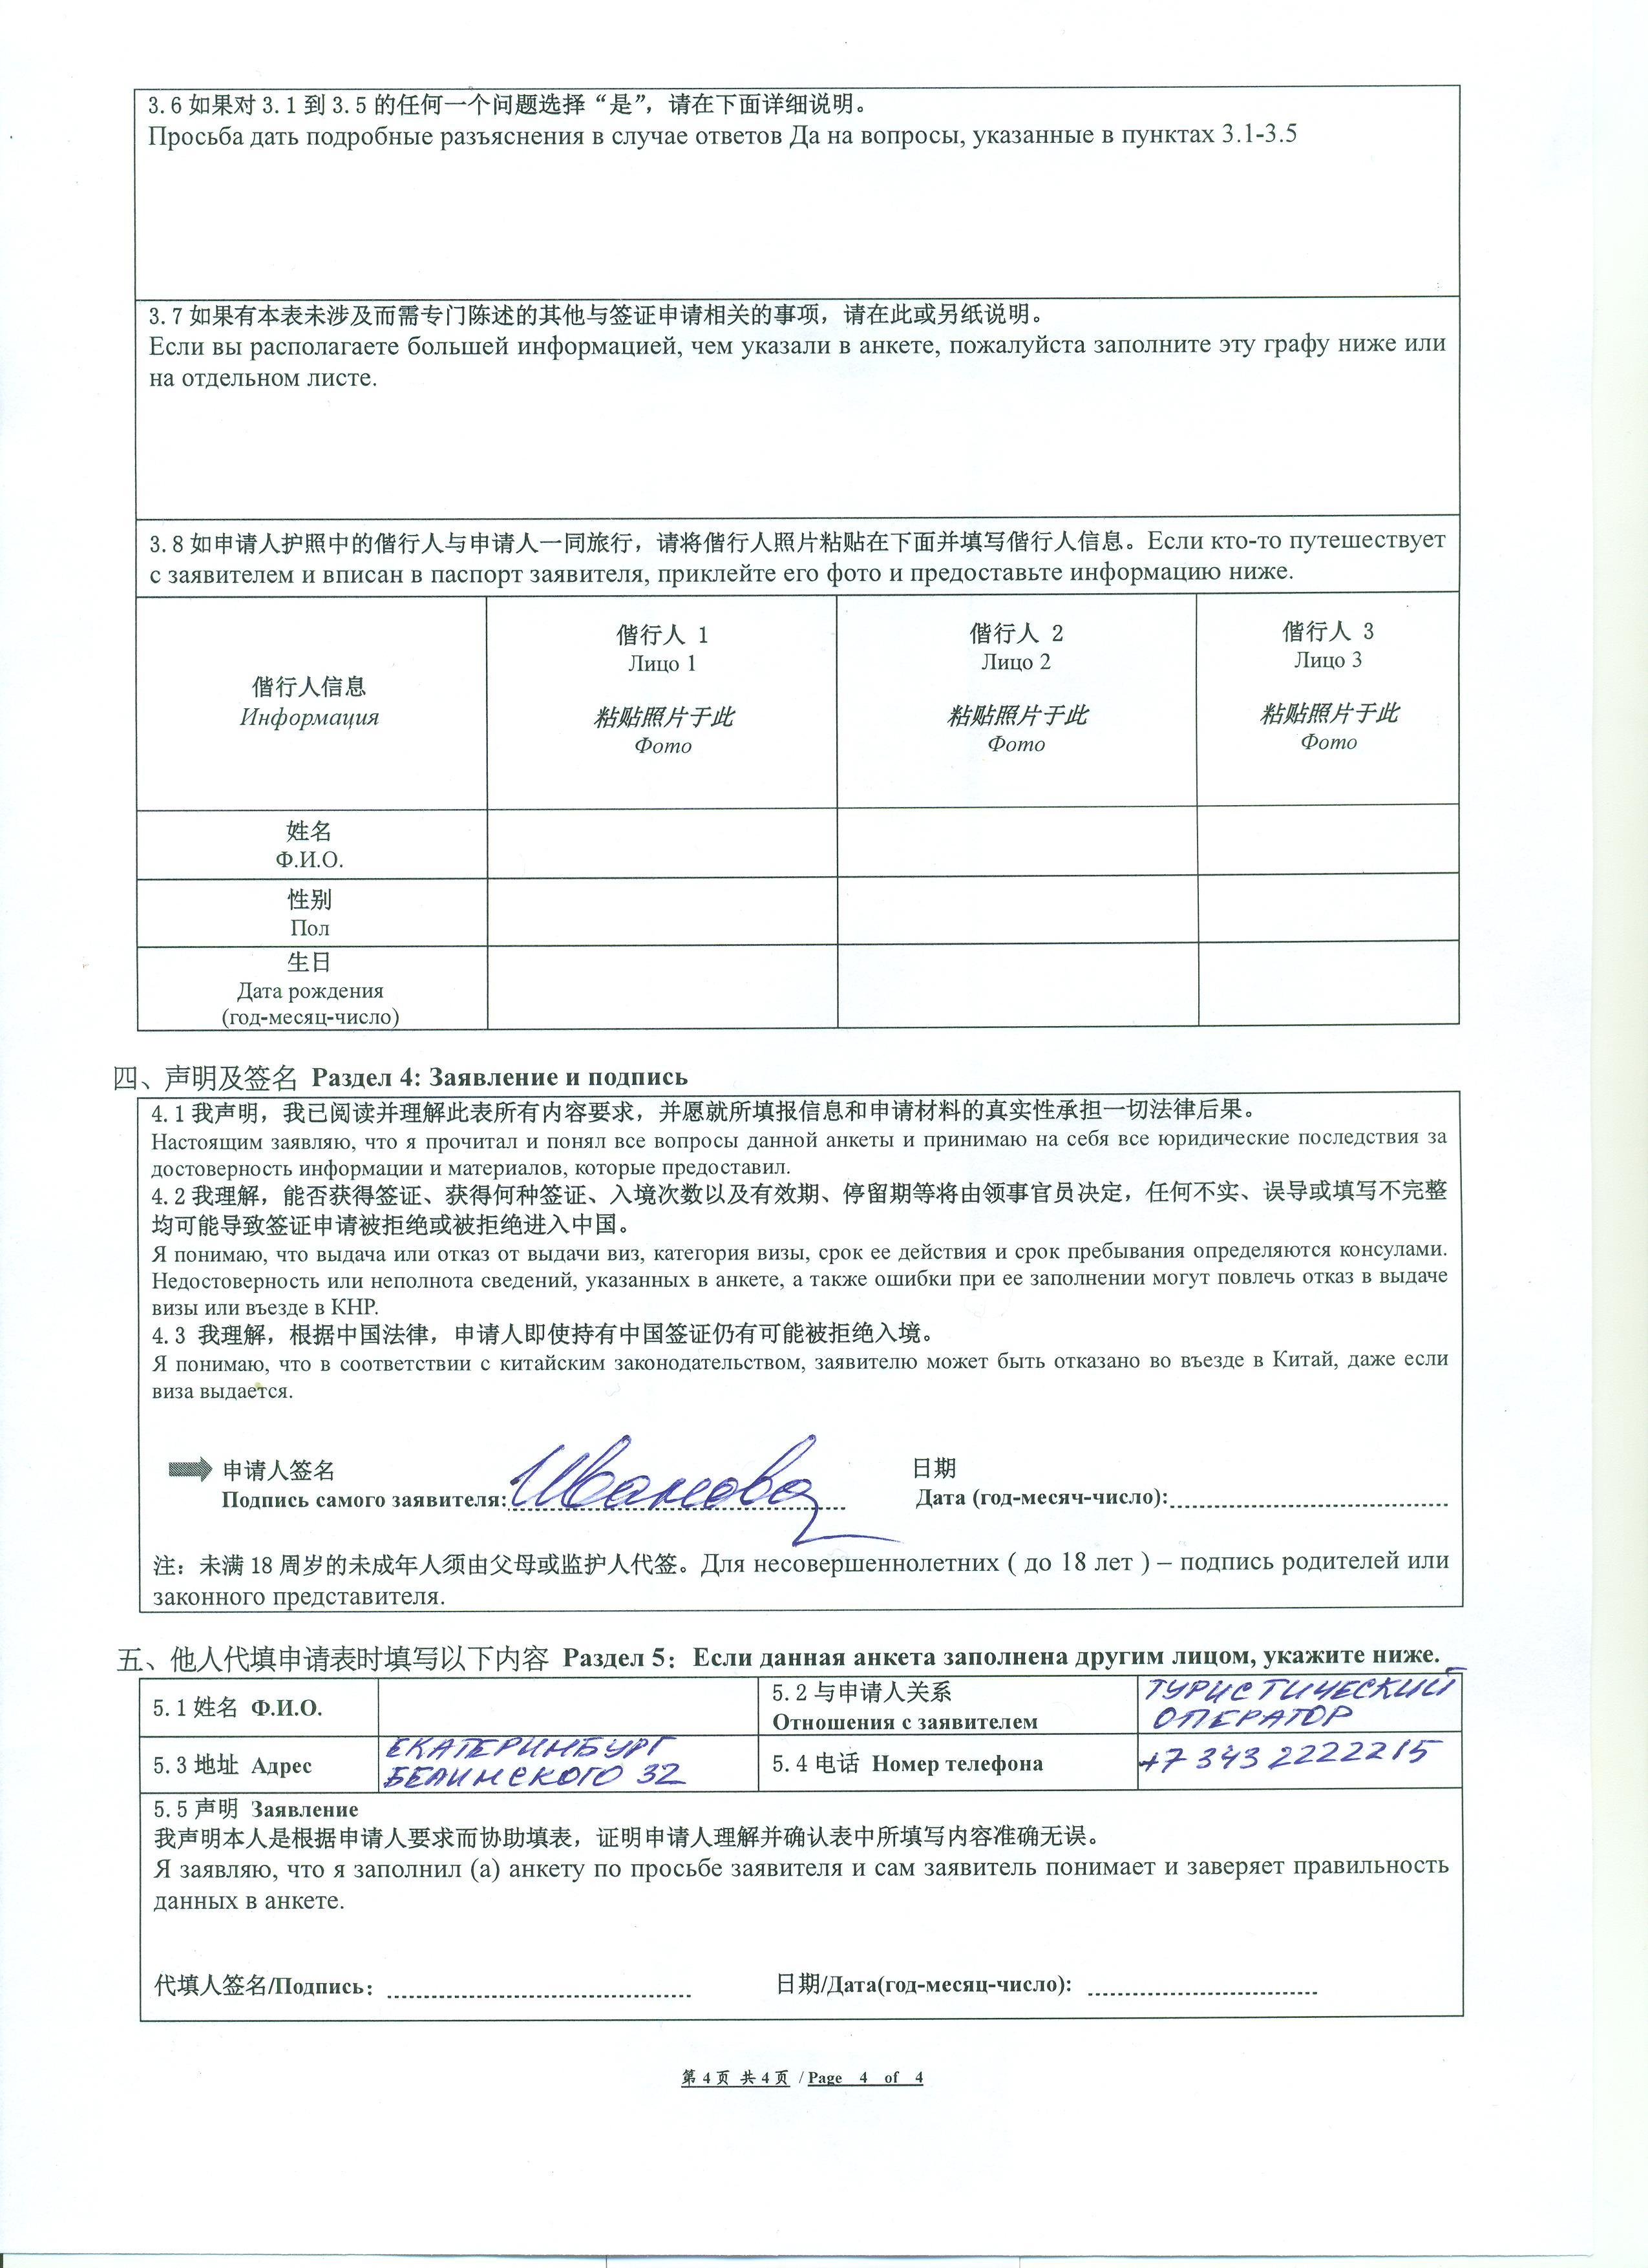 образец заполнения анкеты для оформления визы в австрию